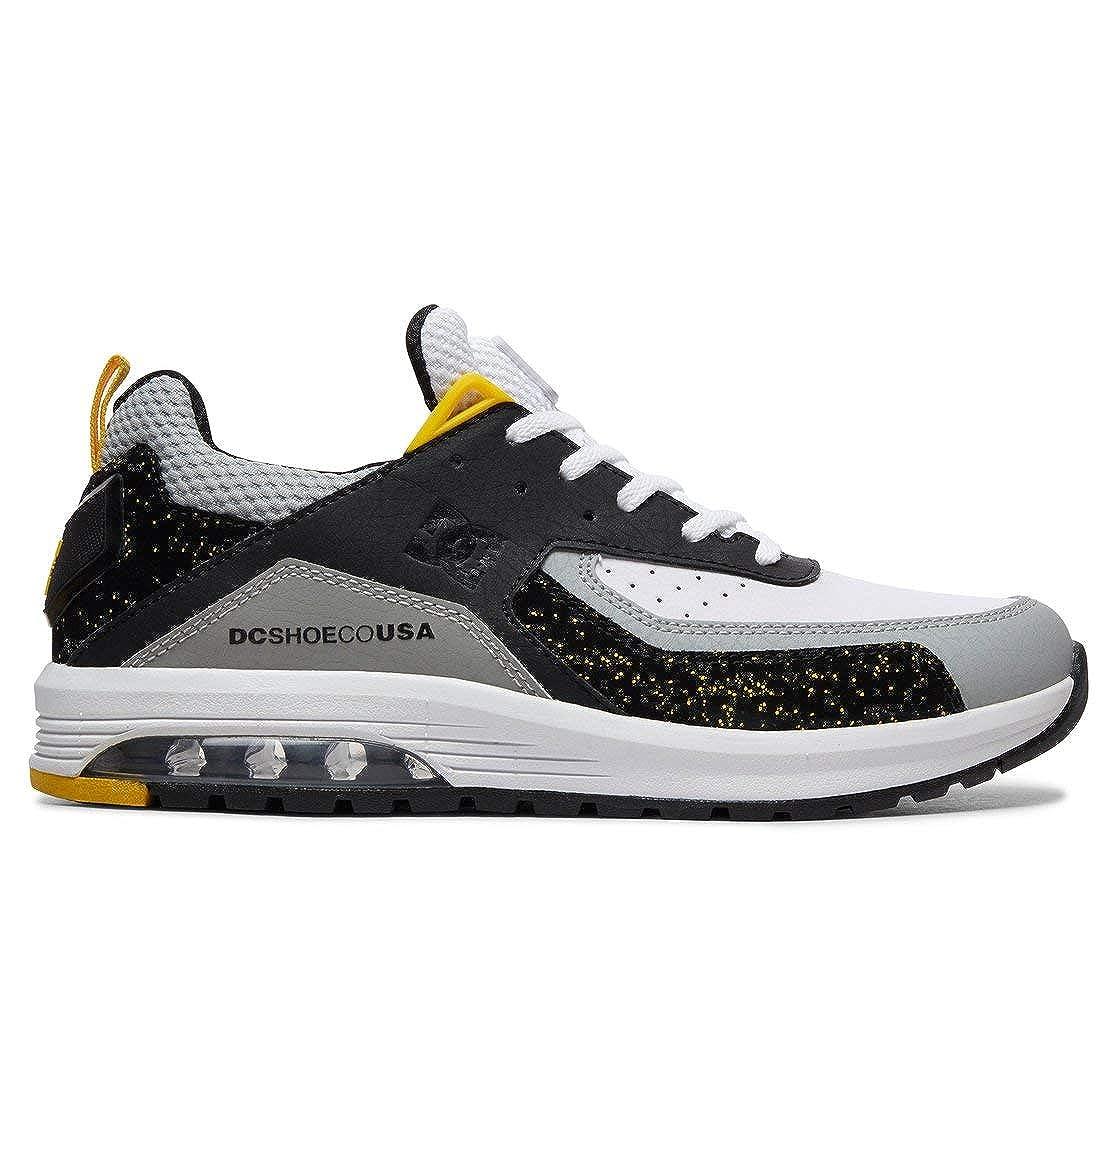 Noir - noir gris jaune DC chaussures Vandium Se - Baskets pour Homme ADYS200067 41 EU